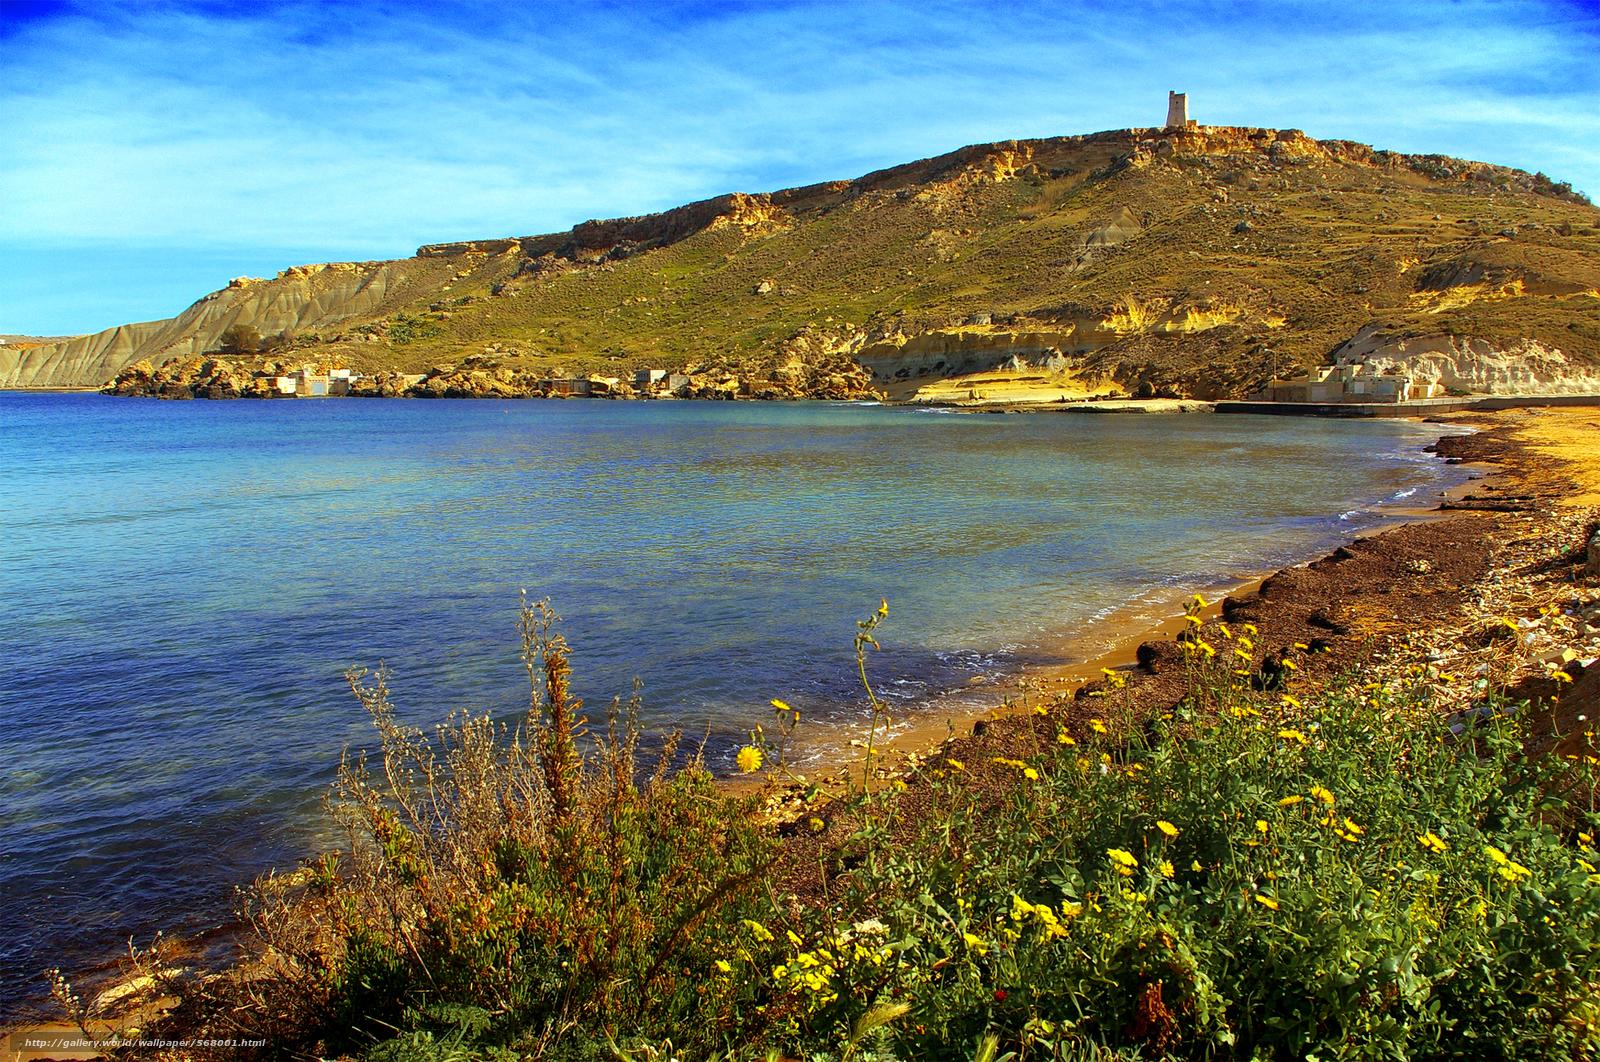 Download wallpaper Gnejna Bay,  Malta,  landscape free desktop wallpaper in the resolution 2000x1327 — picture №568001